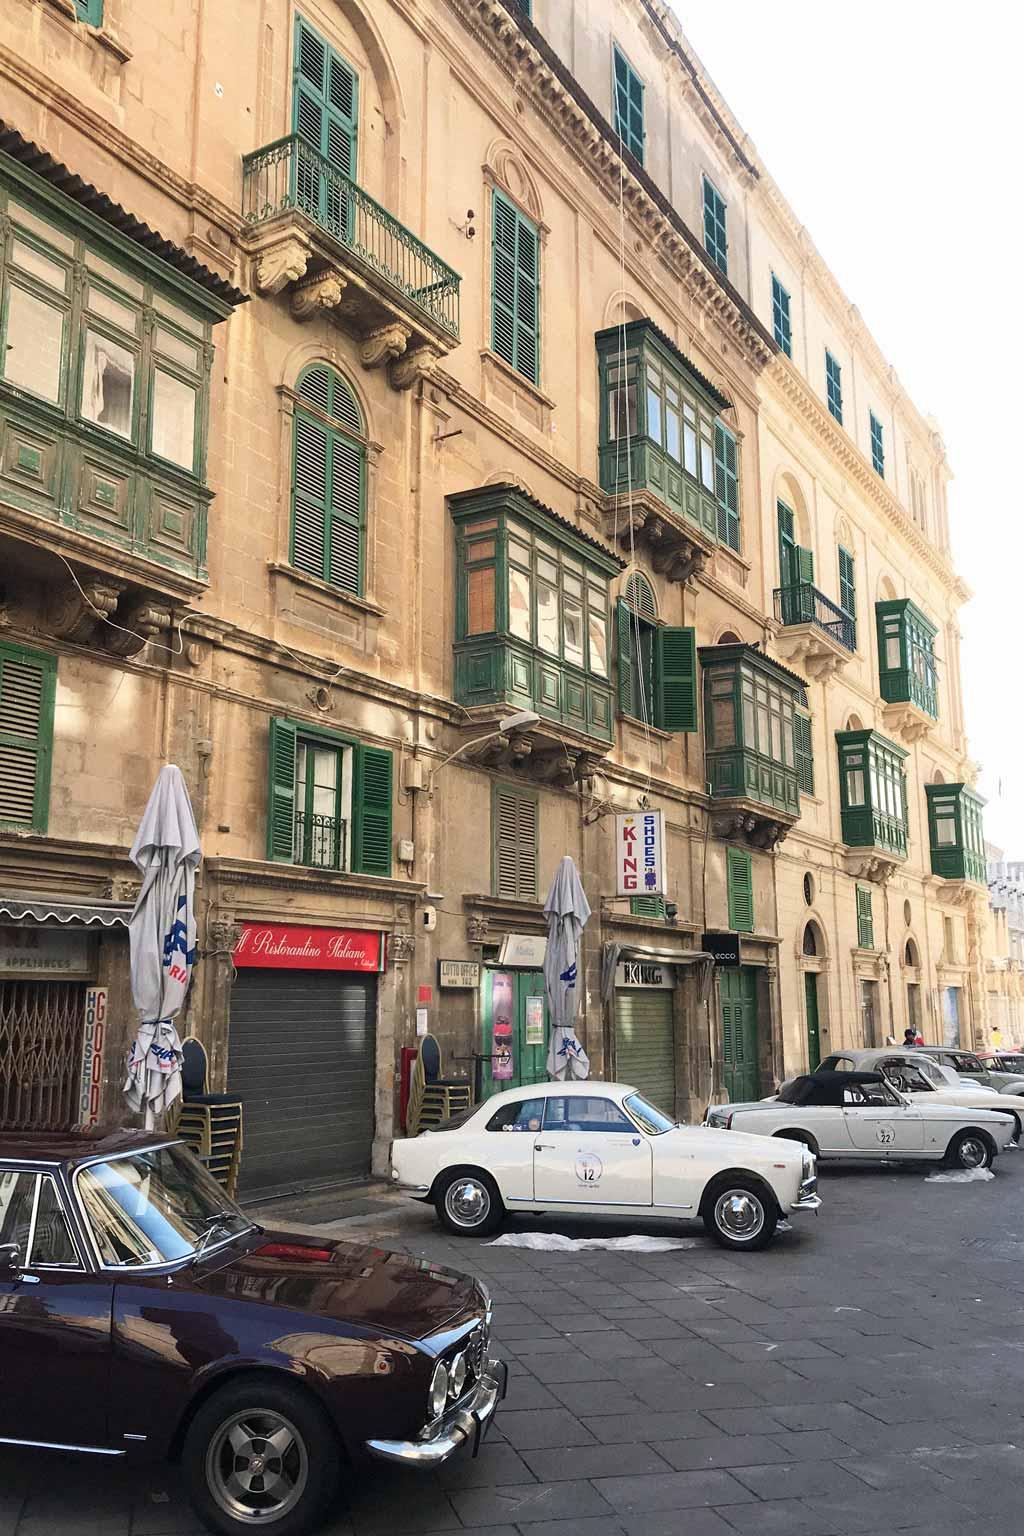 Vintage cars in Valetta, Malta | Dossier Blog